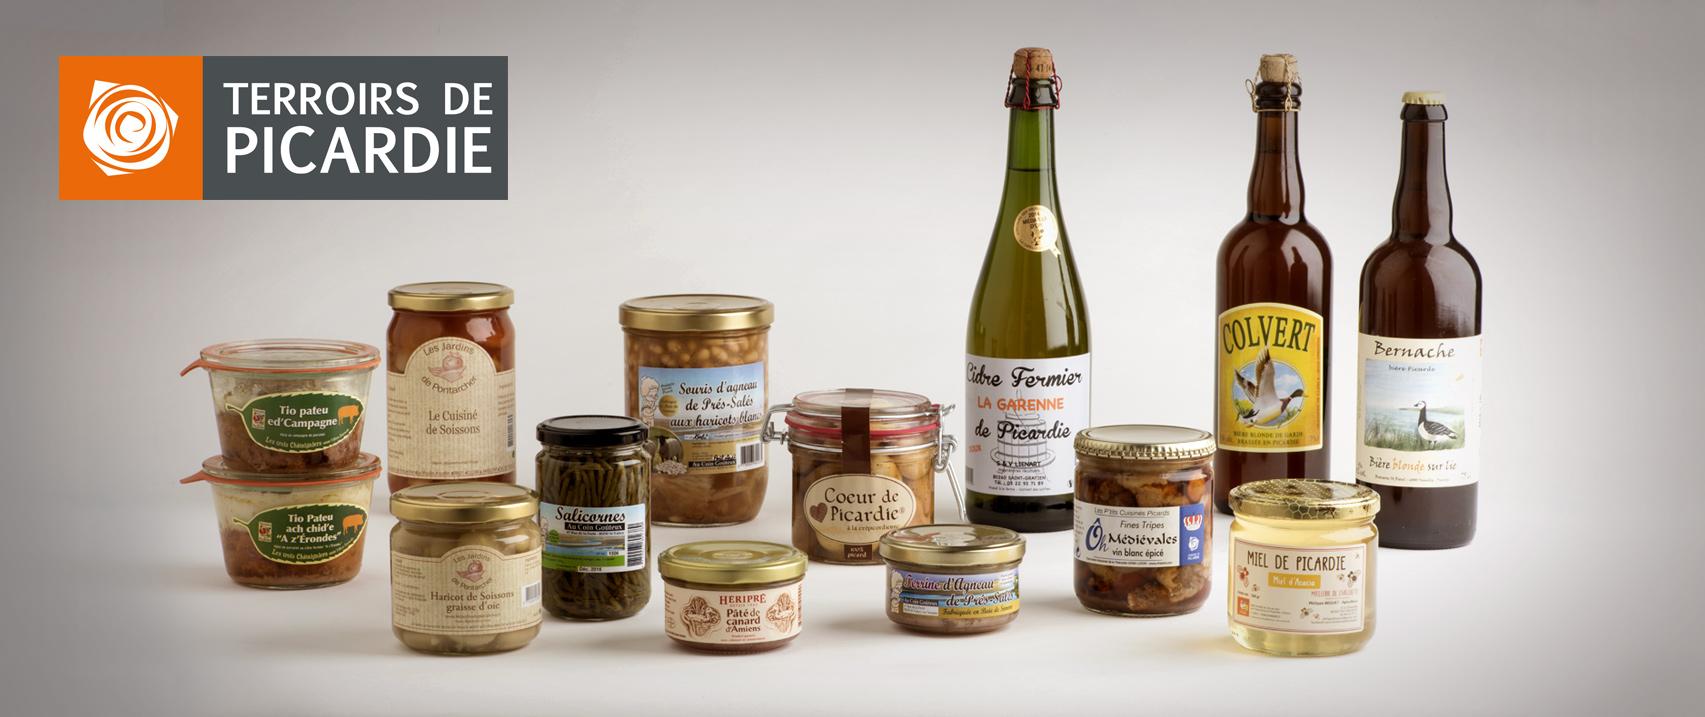 epicerie-fine-amiens-produits-terroir-de-picardie